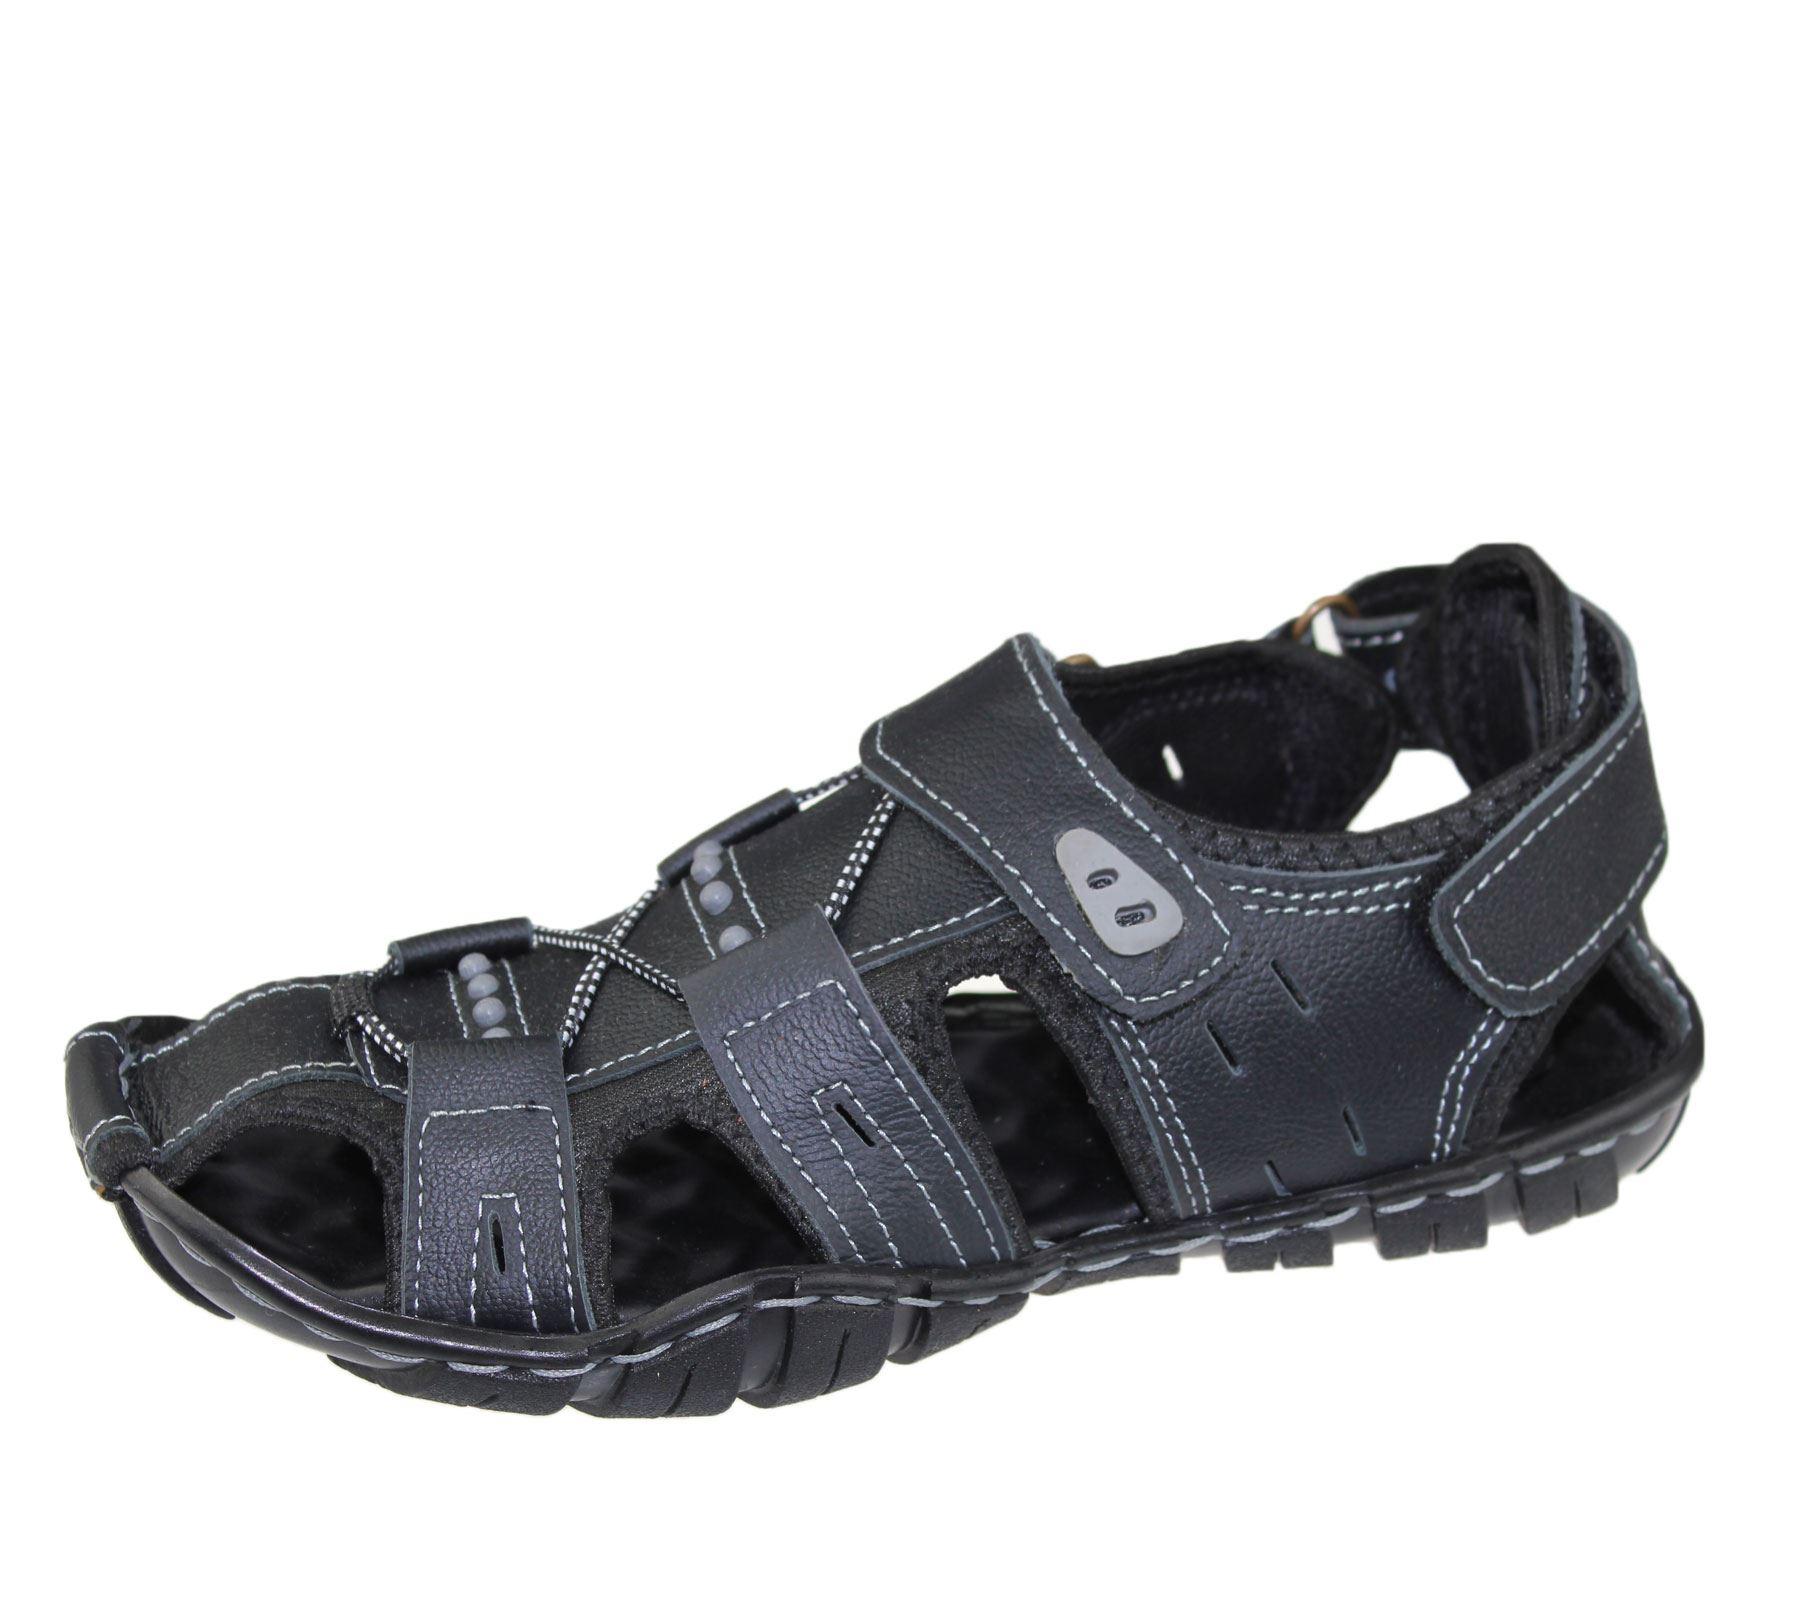 Mens-Sandal-Beach-Buckle-Walking-Fashion-Summer-Casual-Slipper miniatura 10